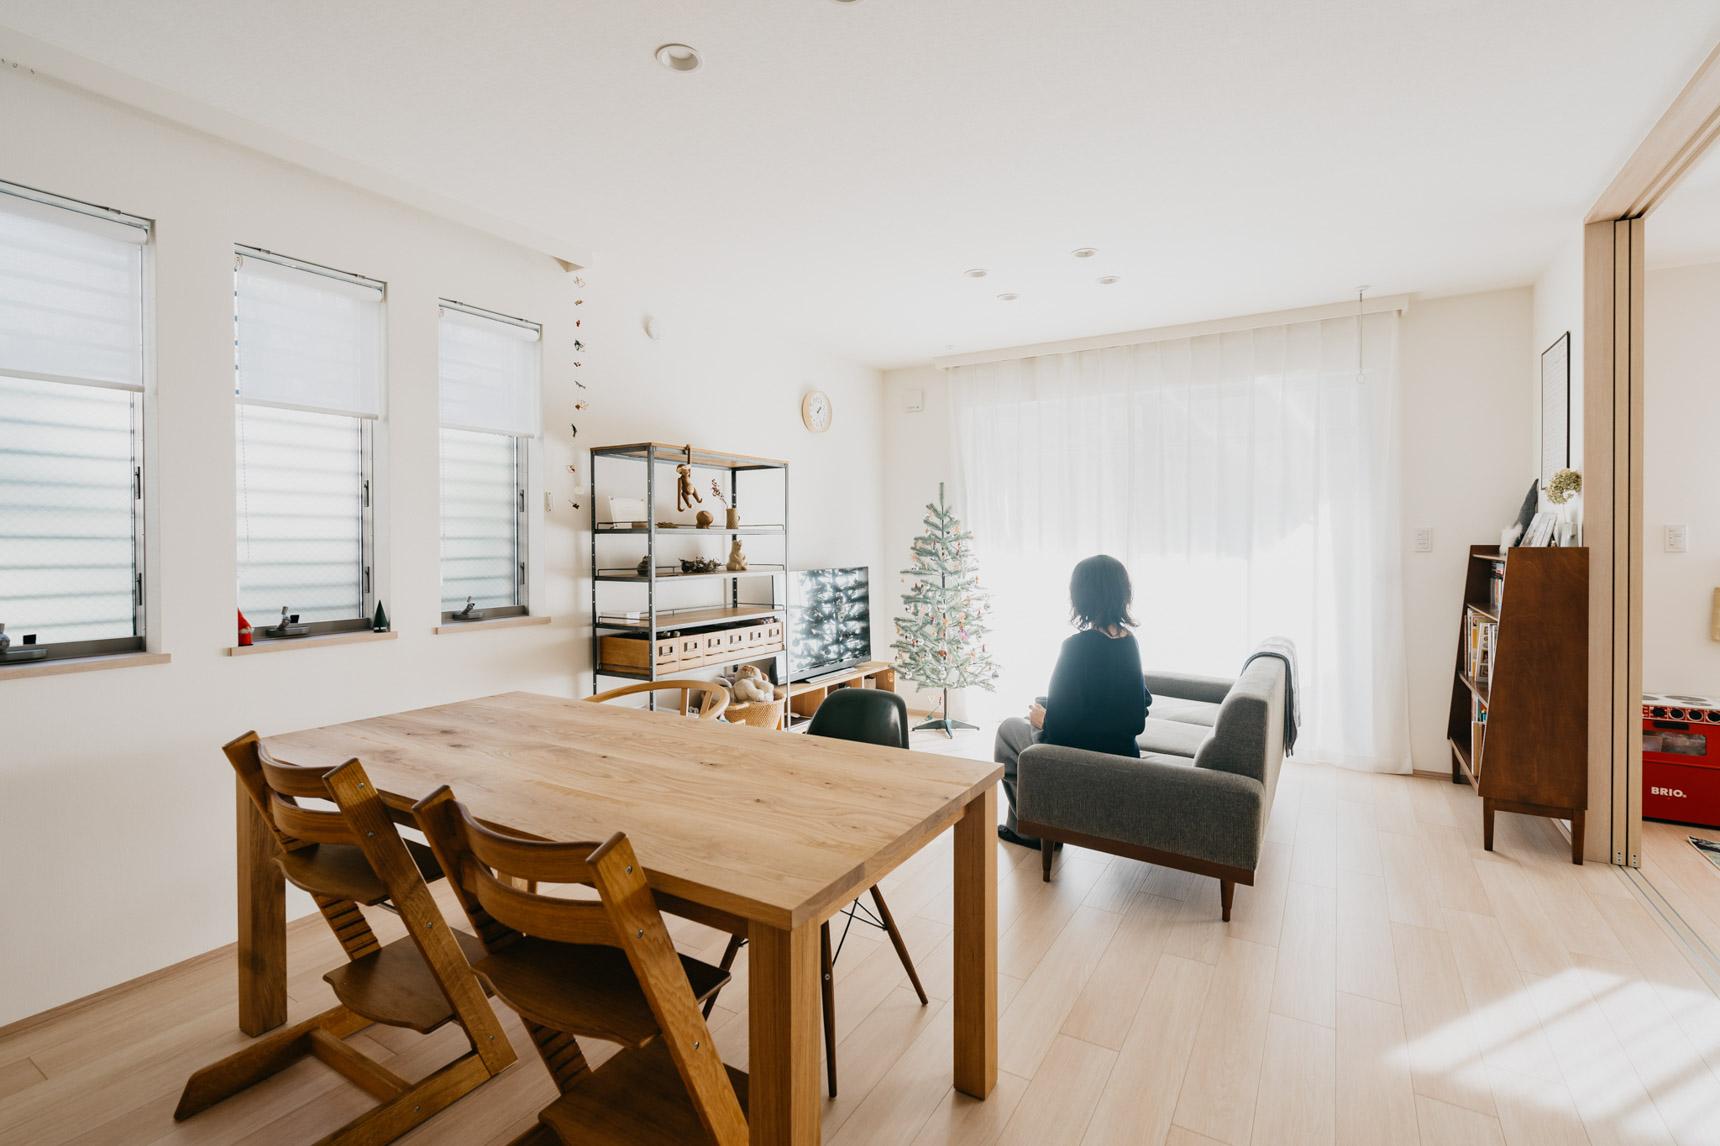 ダイニングテーブルと、アイアンの棚は TRUCK furniture、ソファ、その後ろにある本棚はPACIFIC FURNITURE SERVICEで購入したもの。